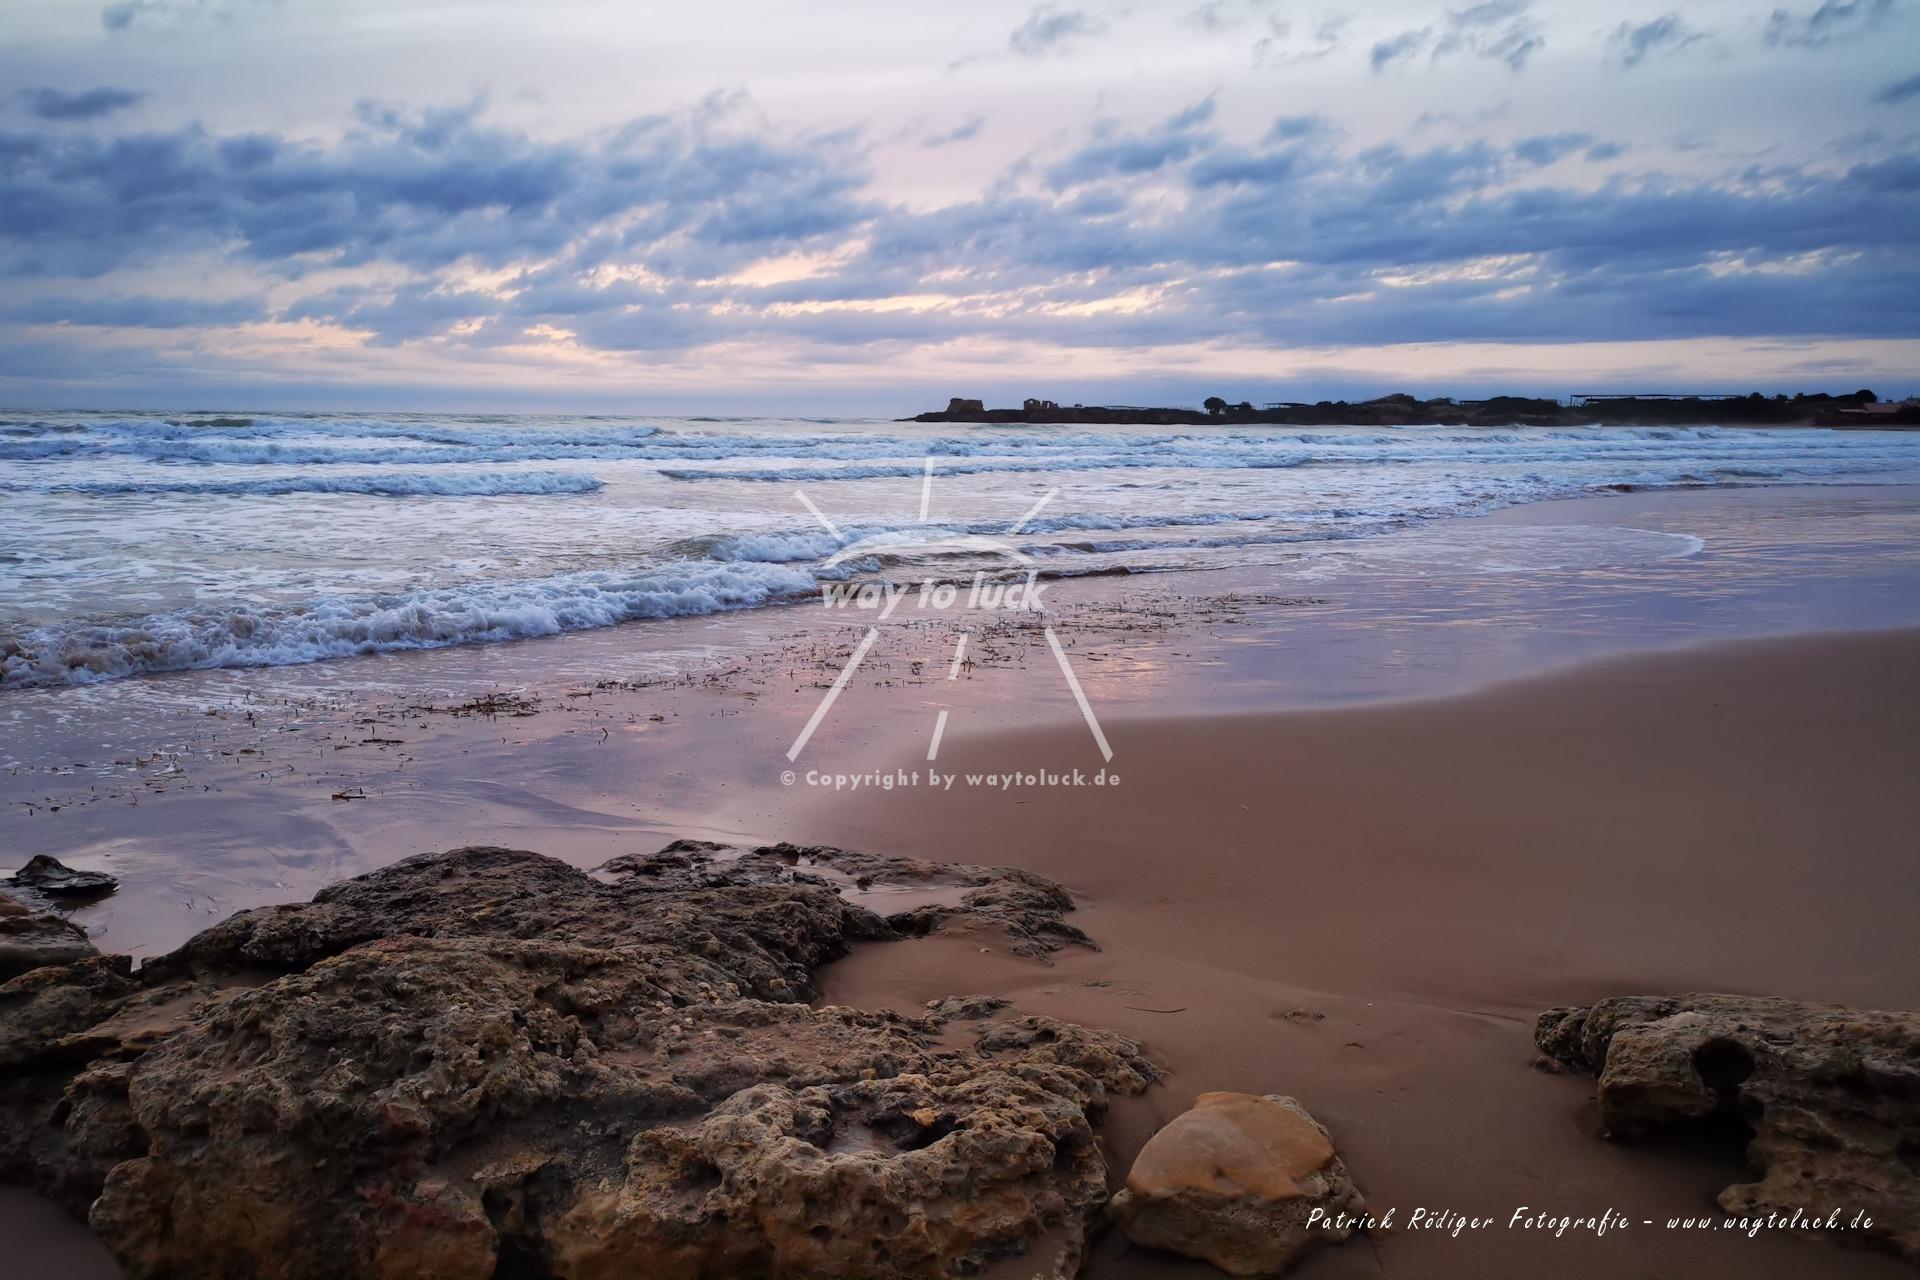 Steine Strand Meer Wolken Sizilien